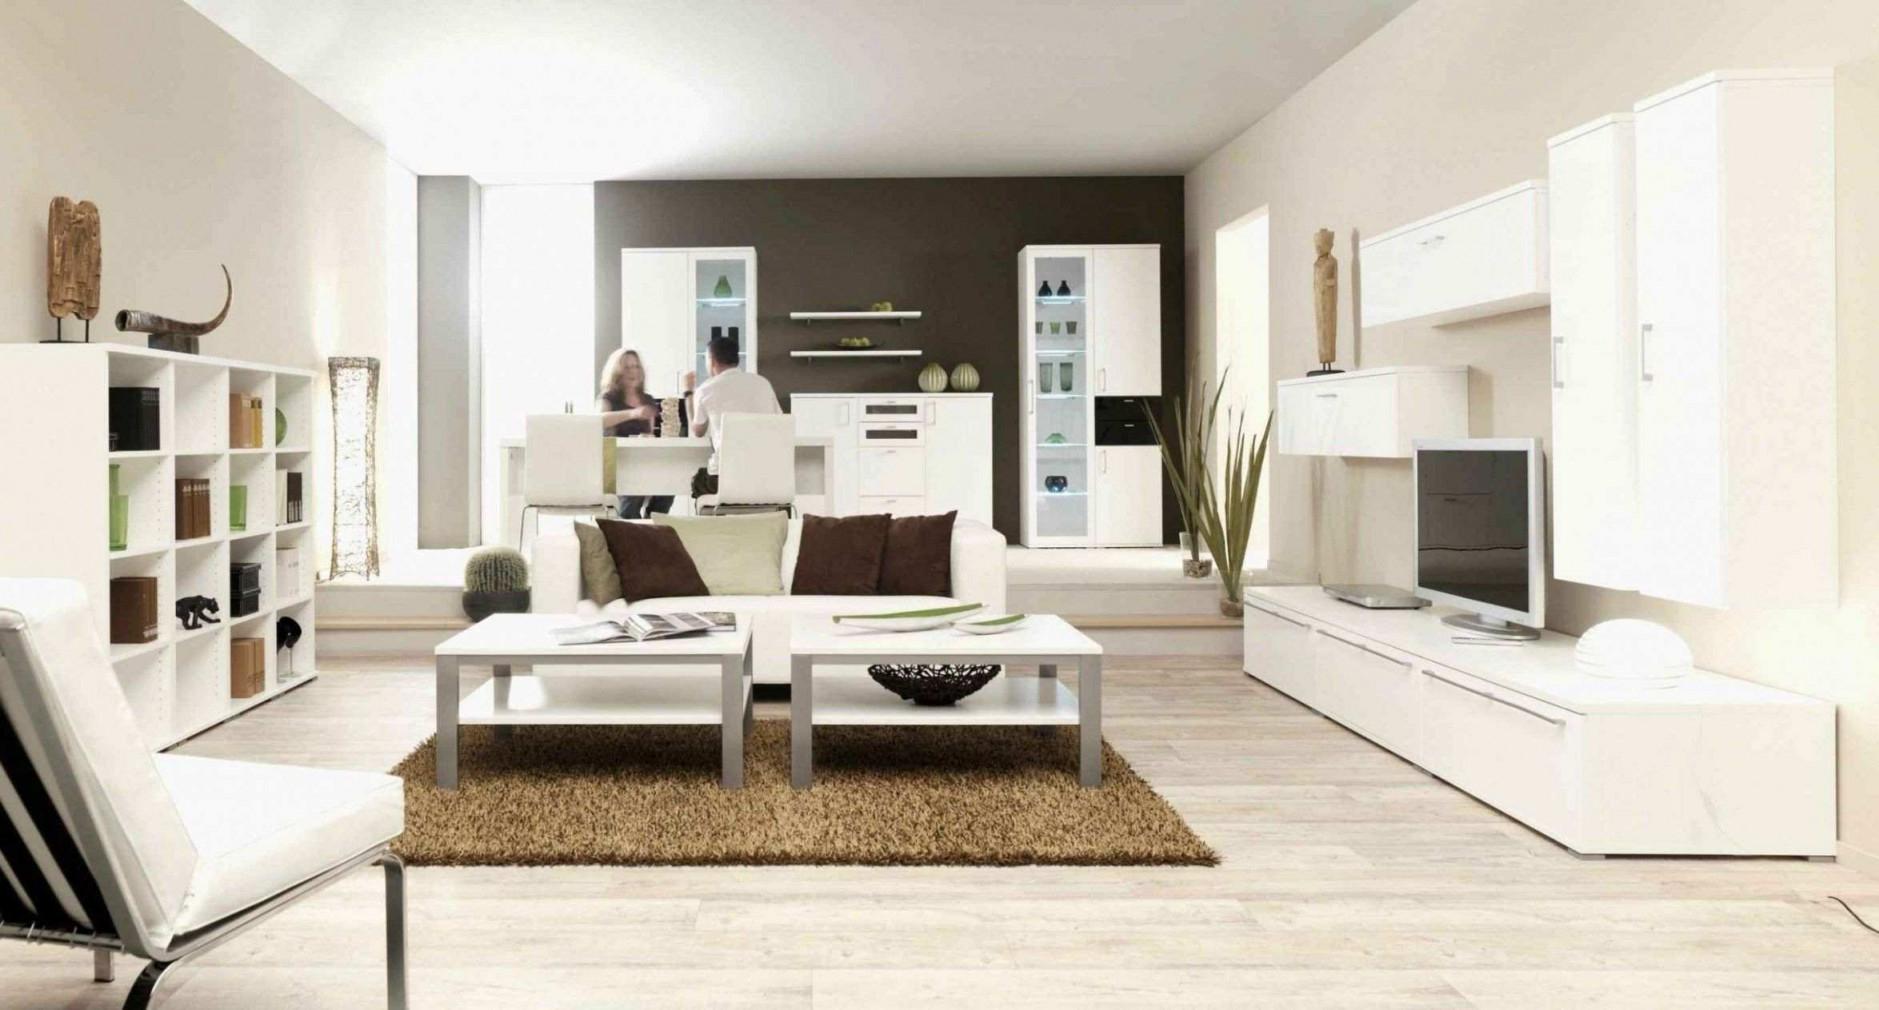 Kleines Wohnzimmer Mit Essbereich Einrichten Schön 50 von Wohnzimmer Mit Esstisch Einrichten Bild